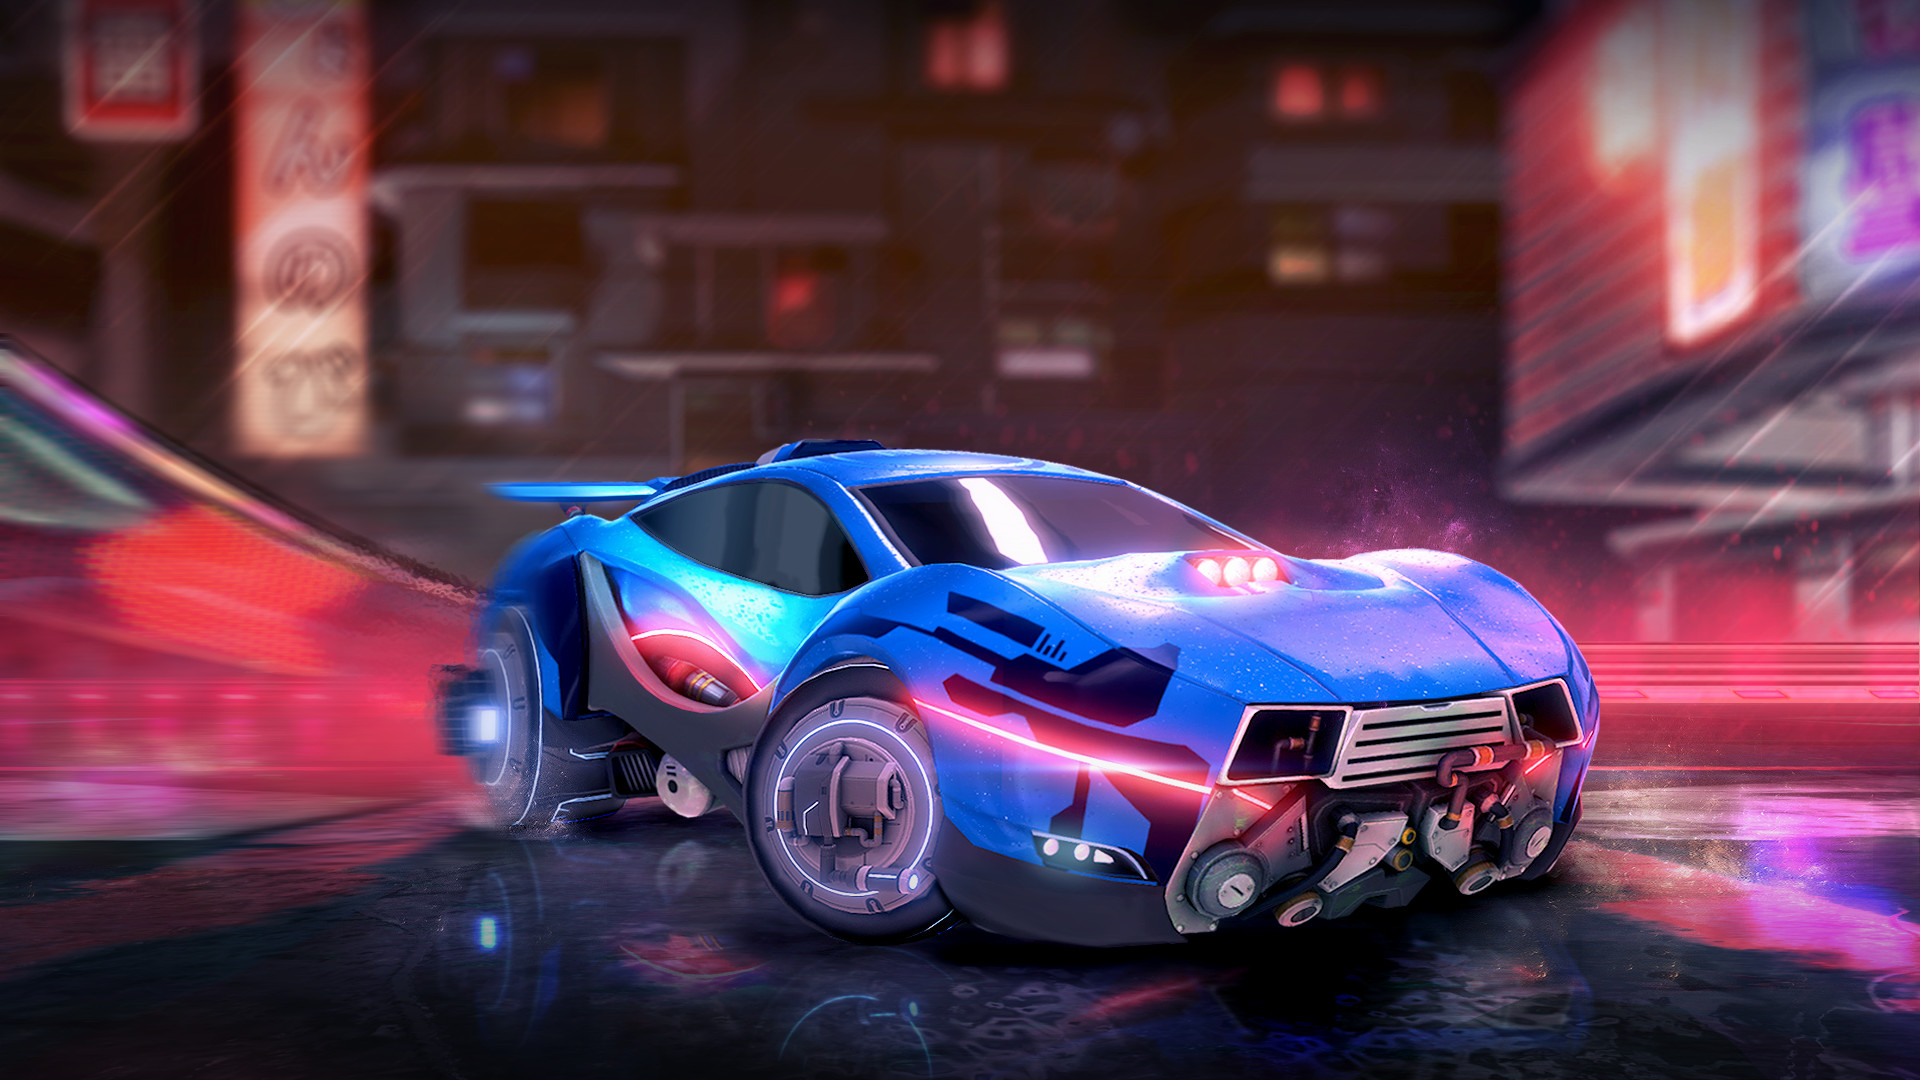 Rocket Car Games